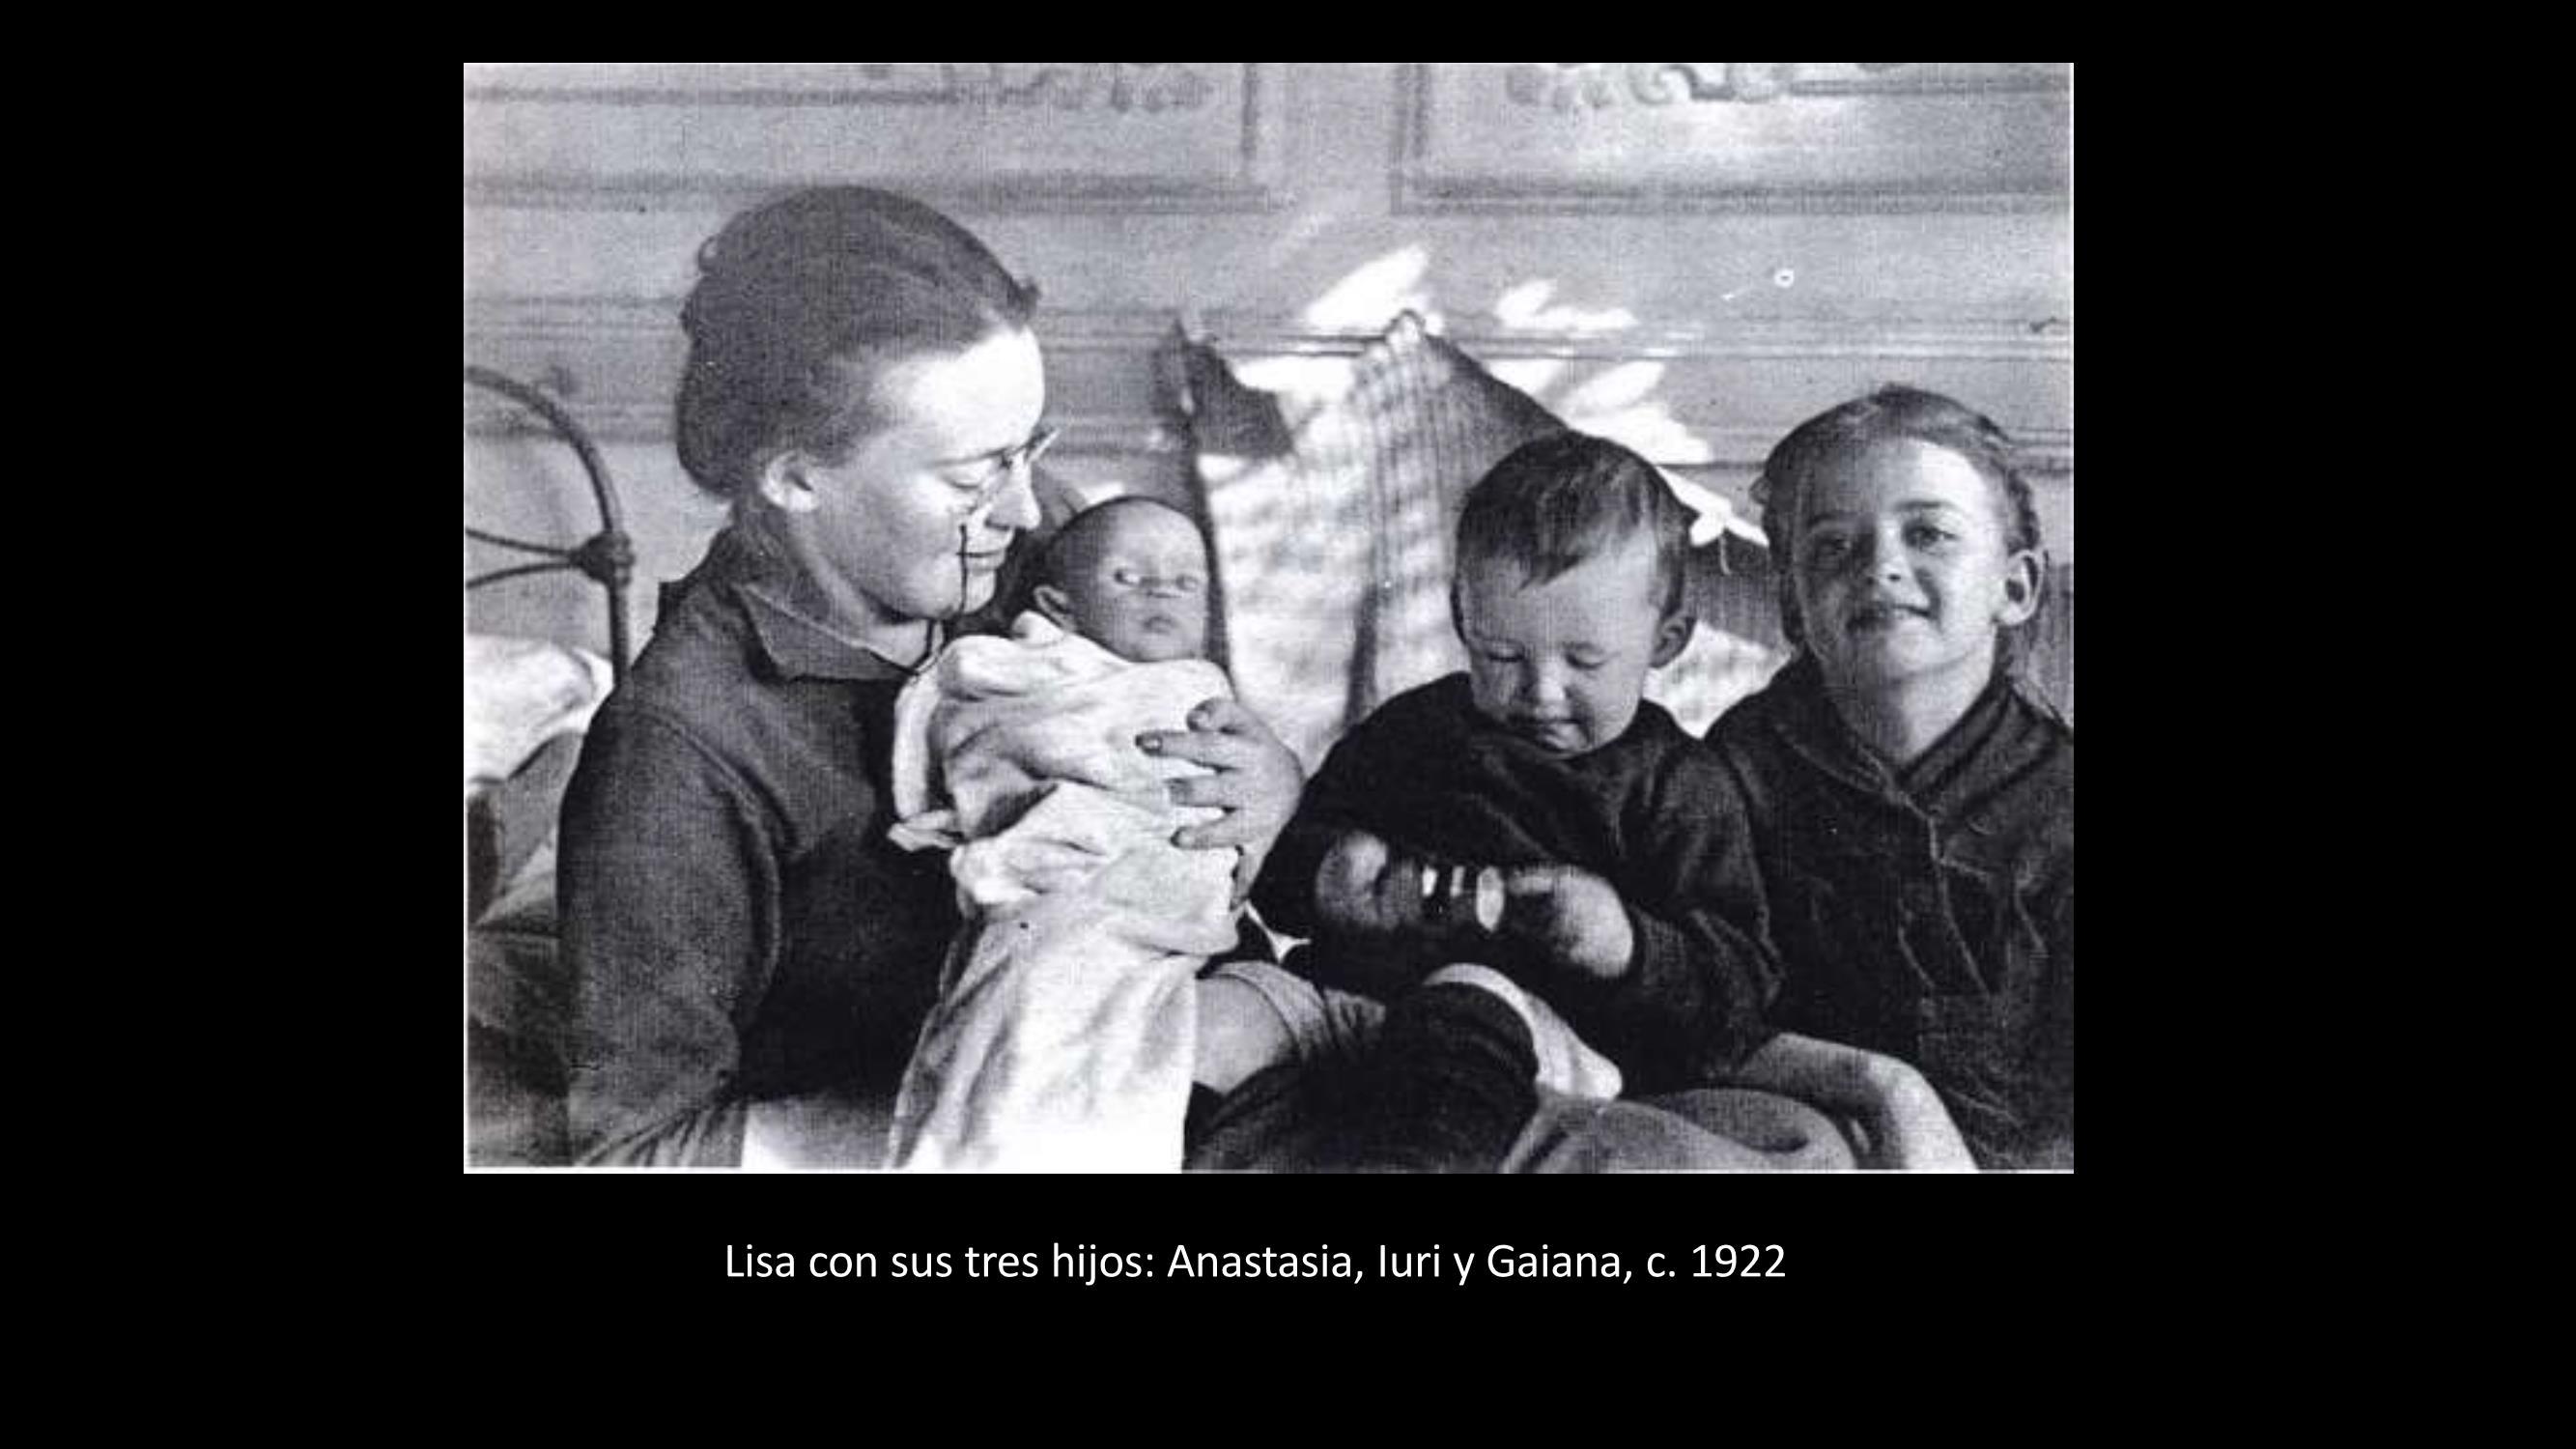 [31] Lisa y sus tres hijos